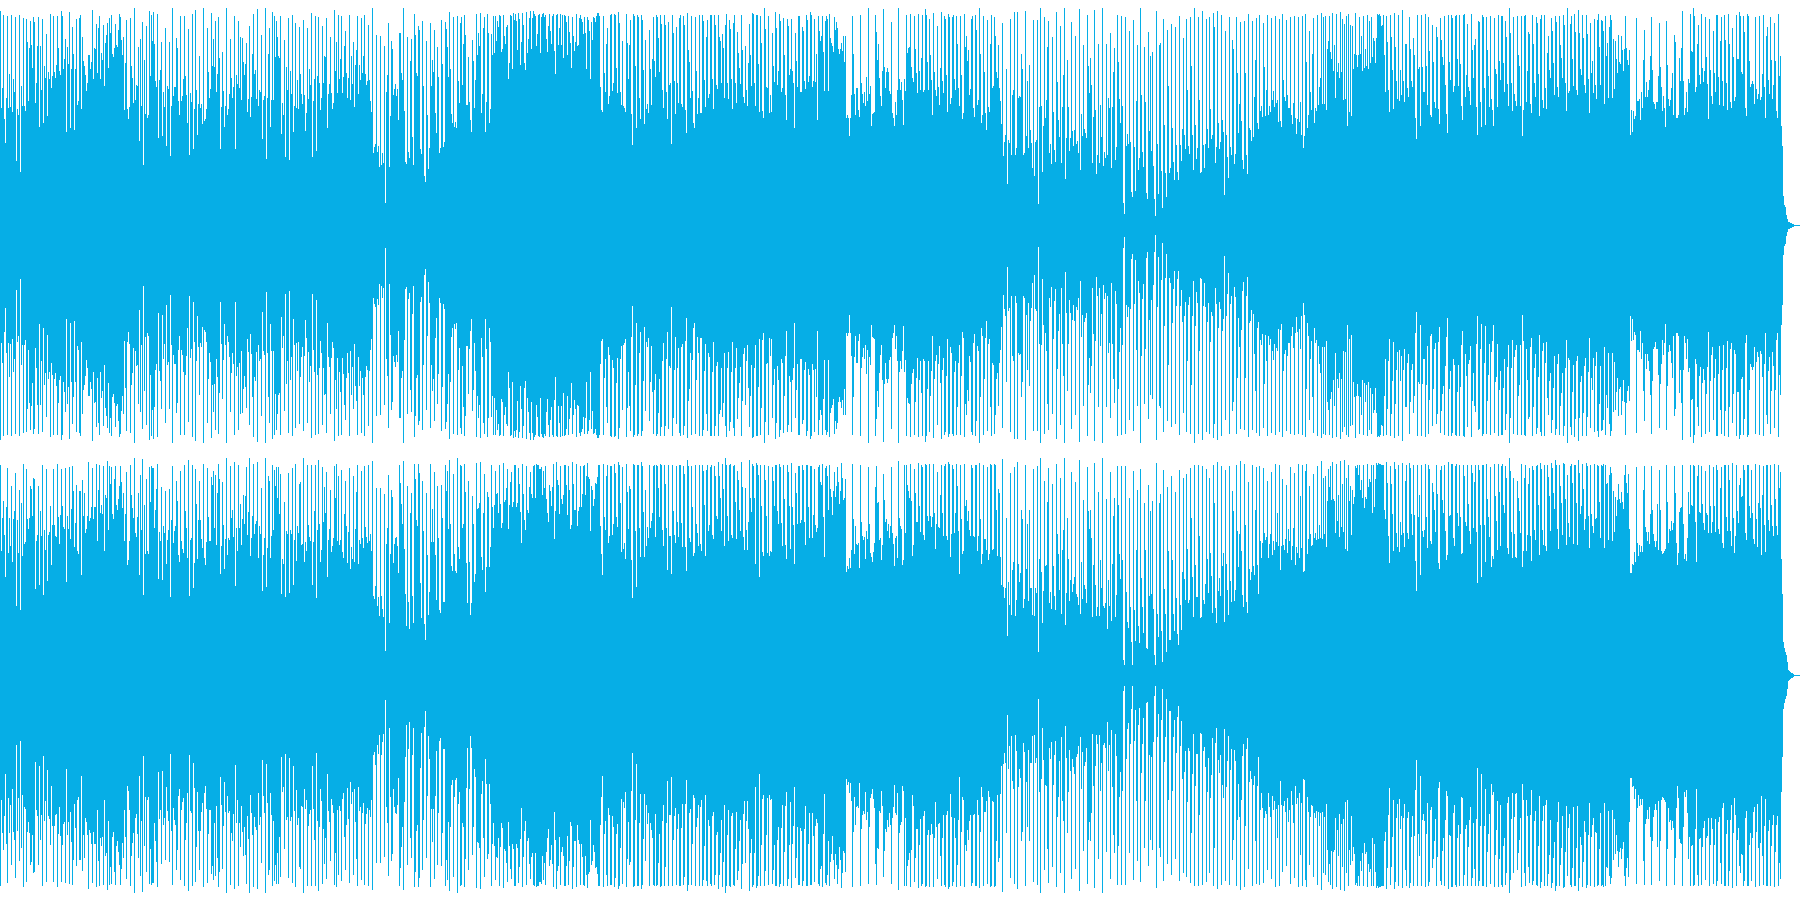 ロックEDM、元気な曲、ゲームOPの再生済みの波形